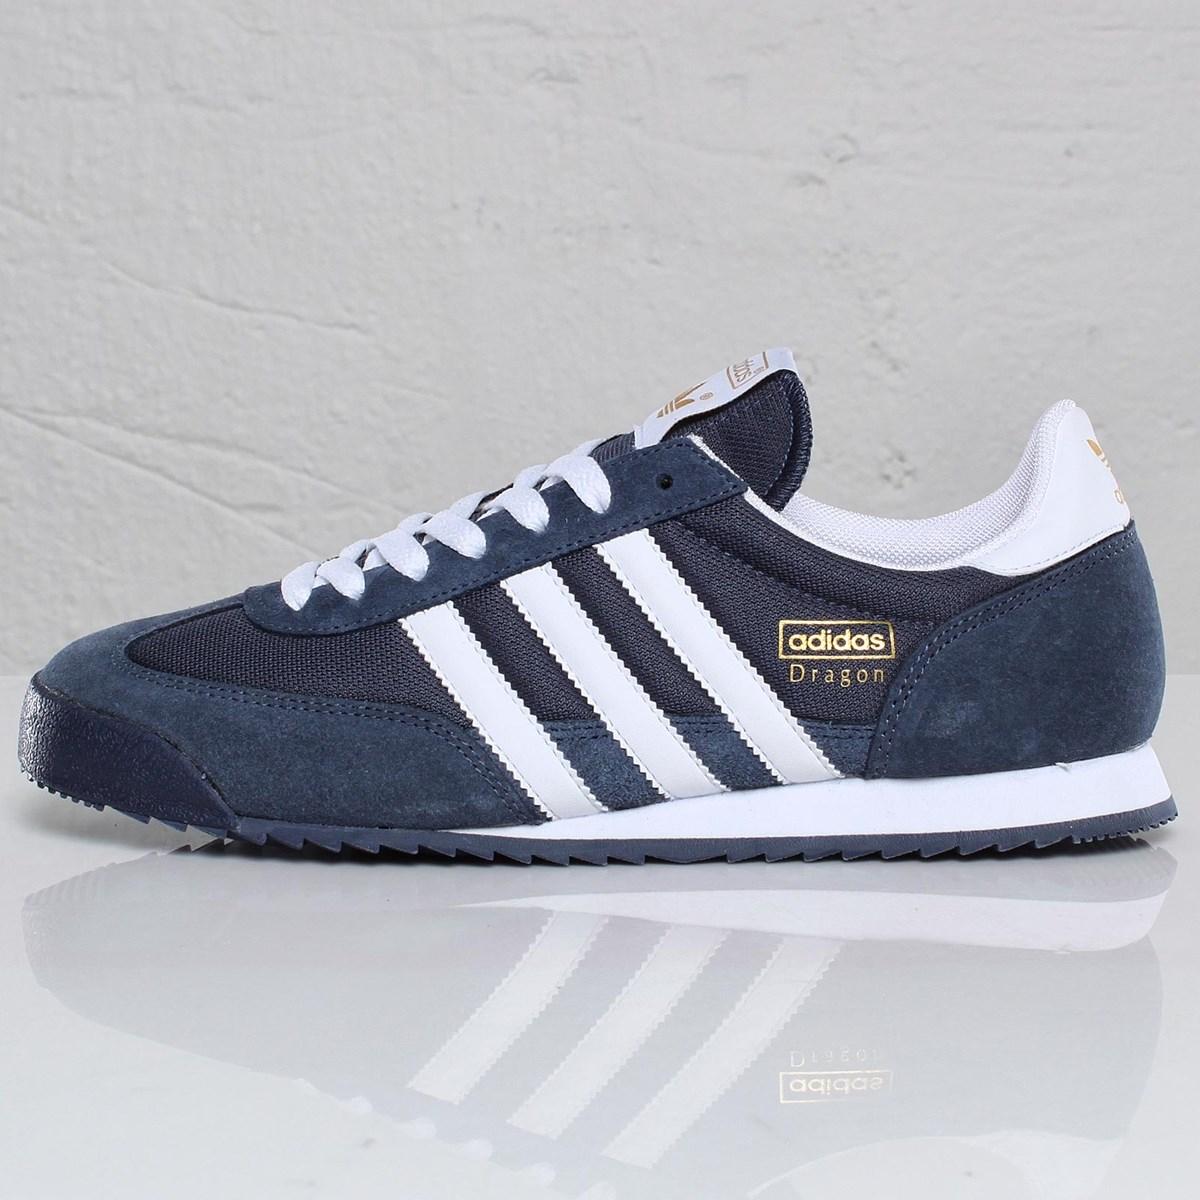 adidas Dragon 101569 Sneakersnstuff | sneakers